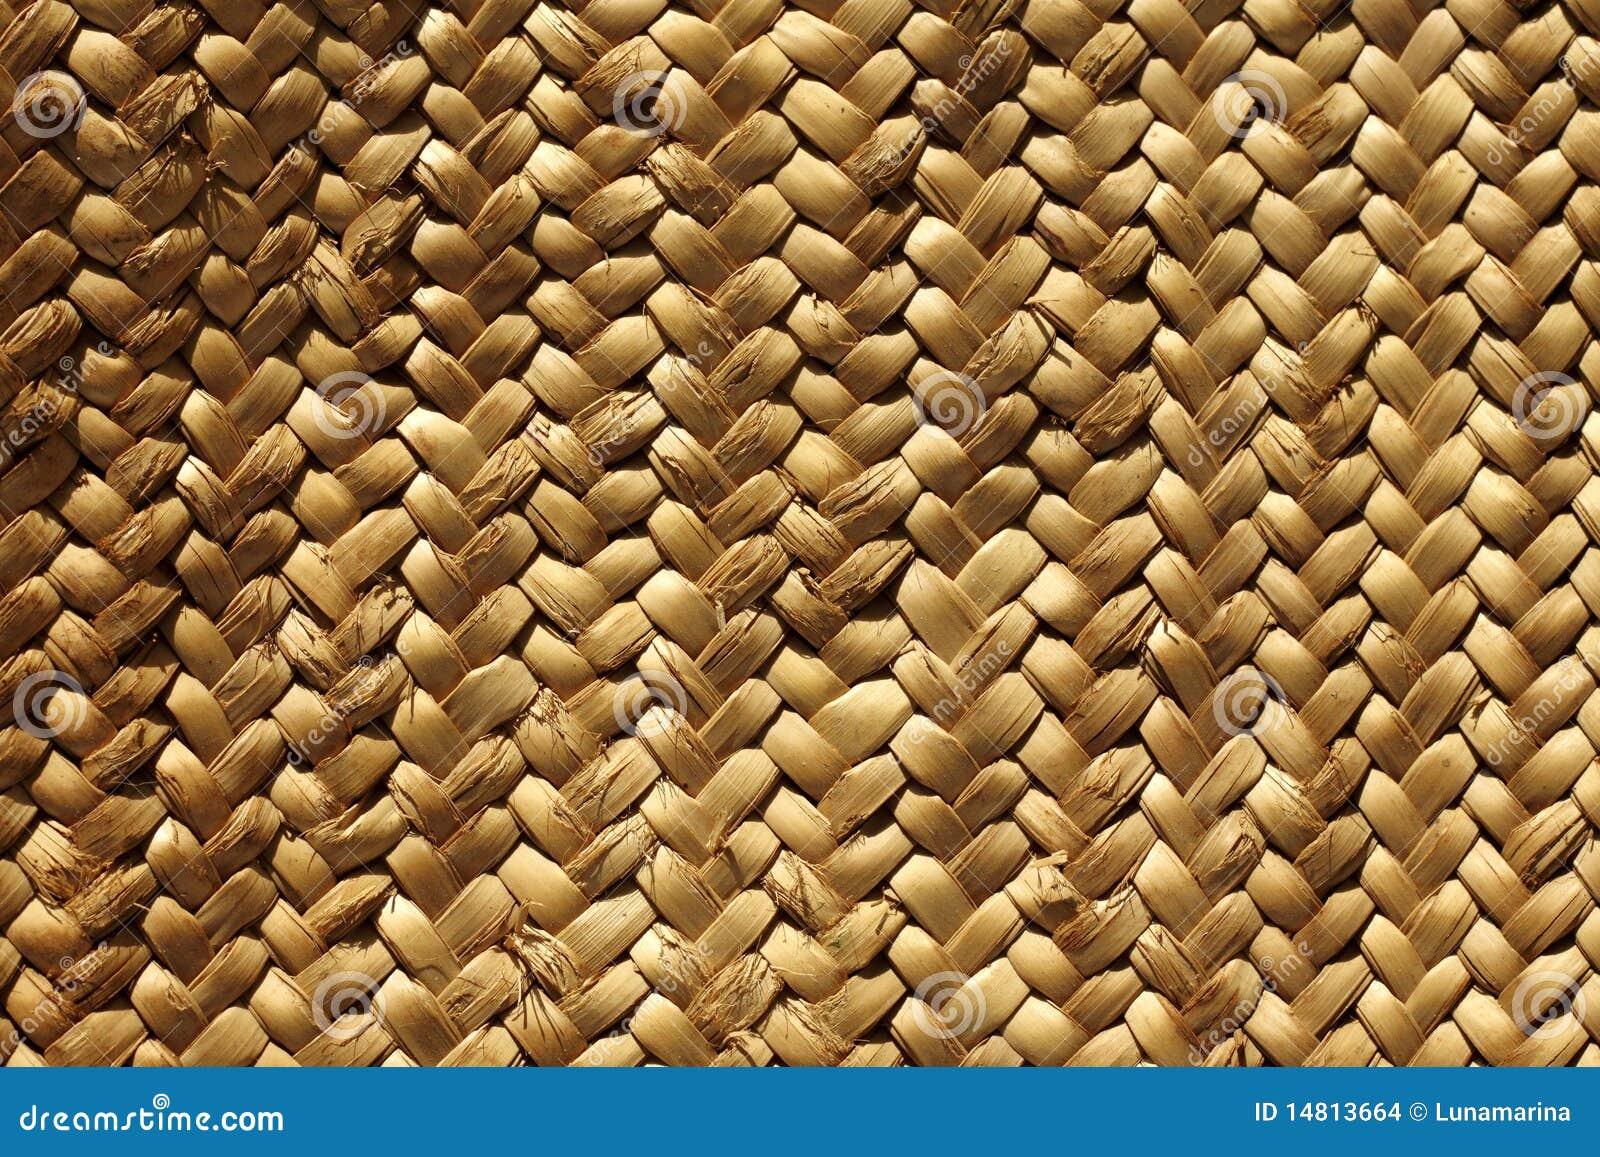 Handcraft la fibra vegetal natural de la textura de la armadura imagenes de archivo imagen - Informacion sobre la fibra vegetal ...